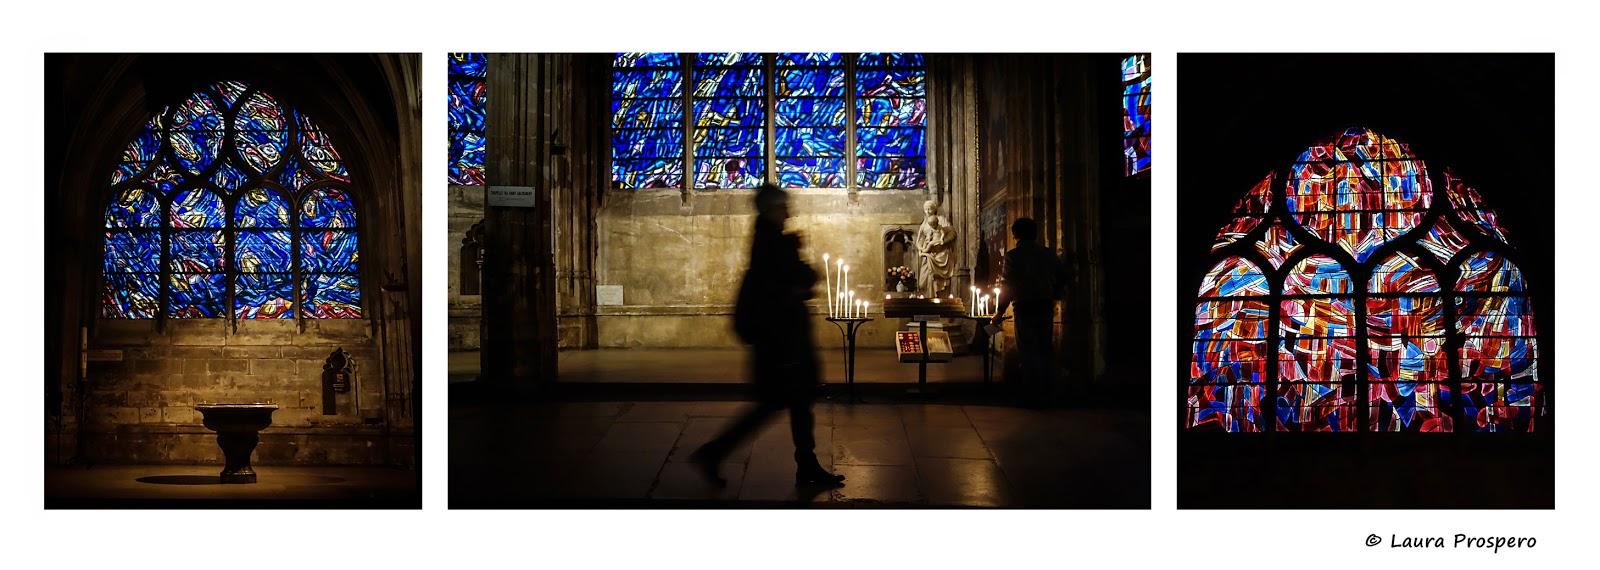 vitraux de jean bazaine - église saint-séverin © Laura Prospero